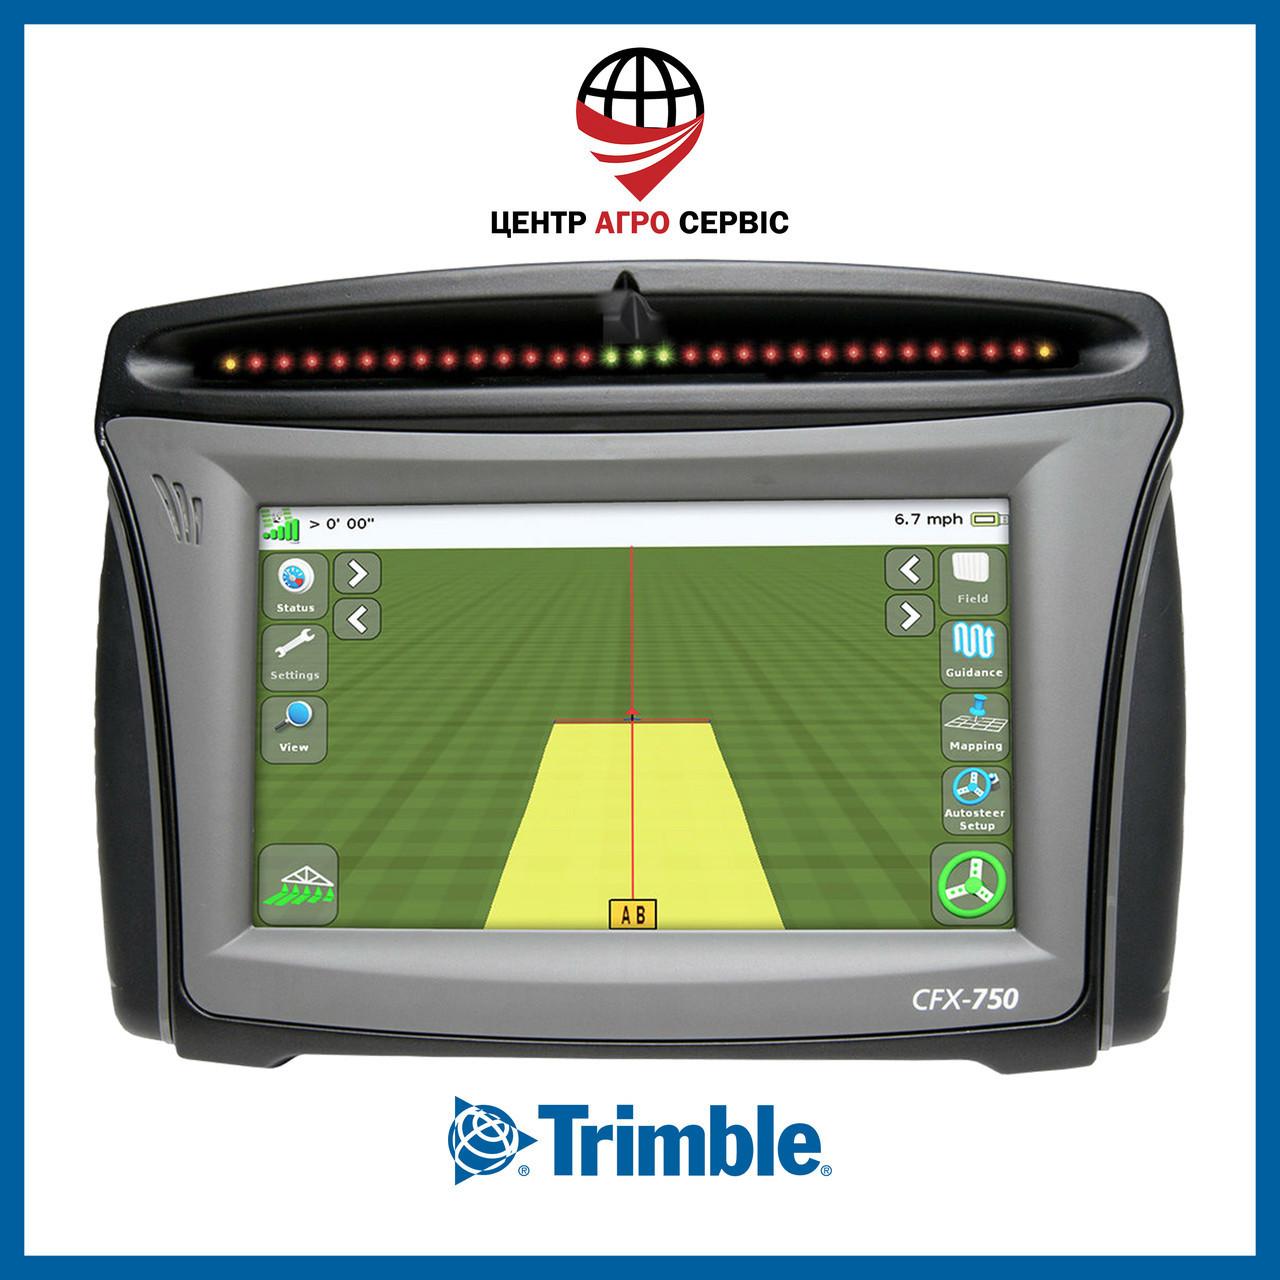 Агронавигатор  Trimble  CFX 750  (GPS и ГЛОНАСС)